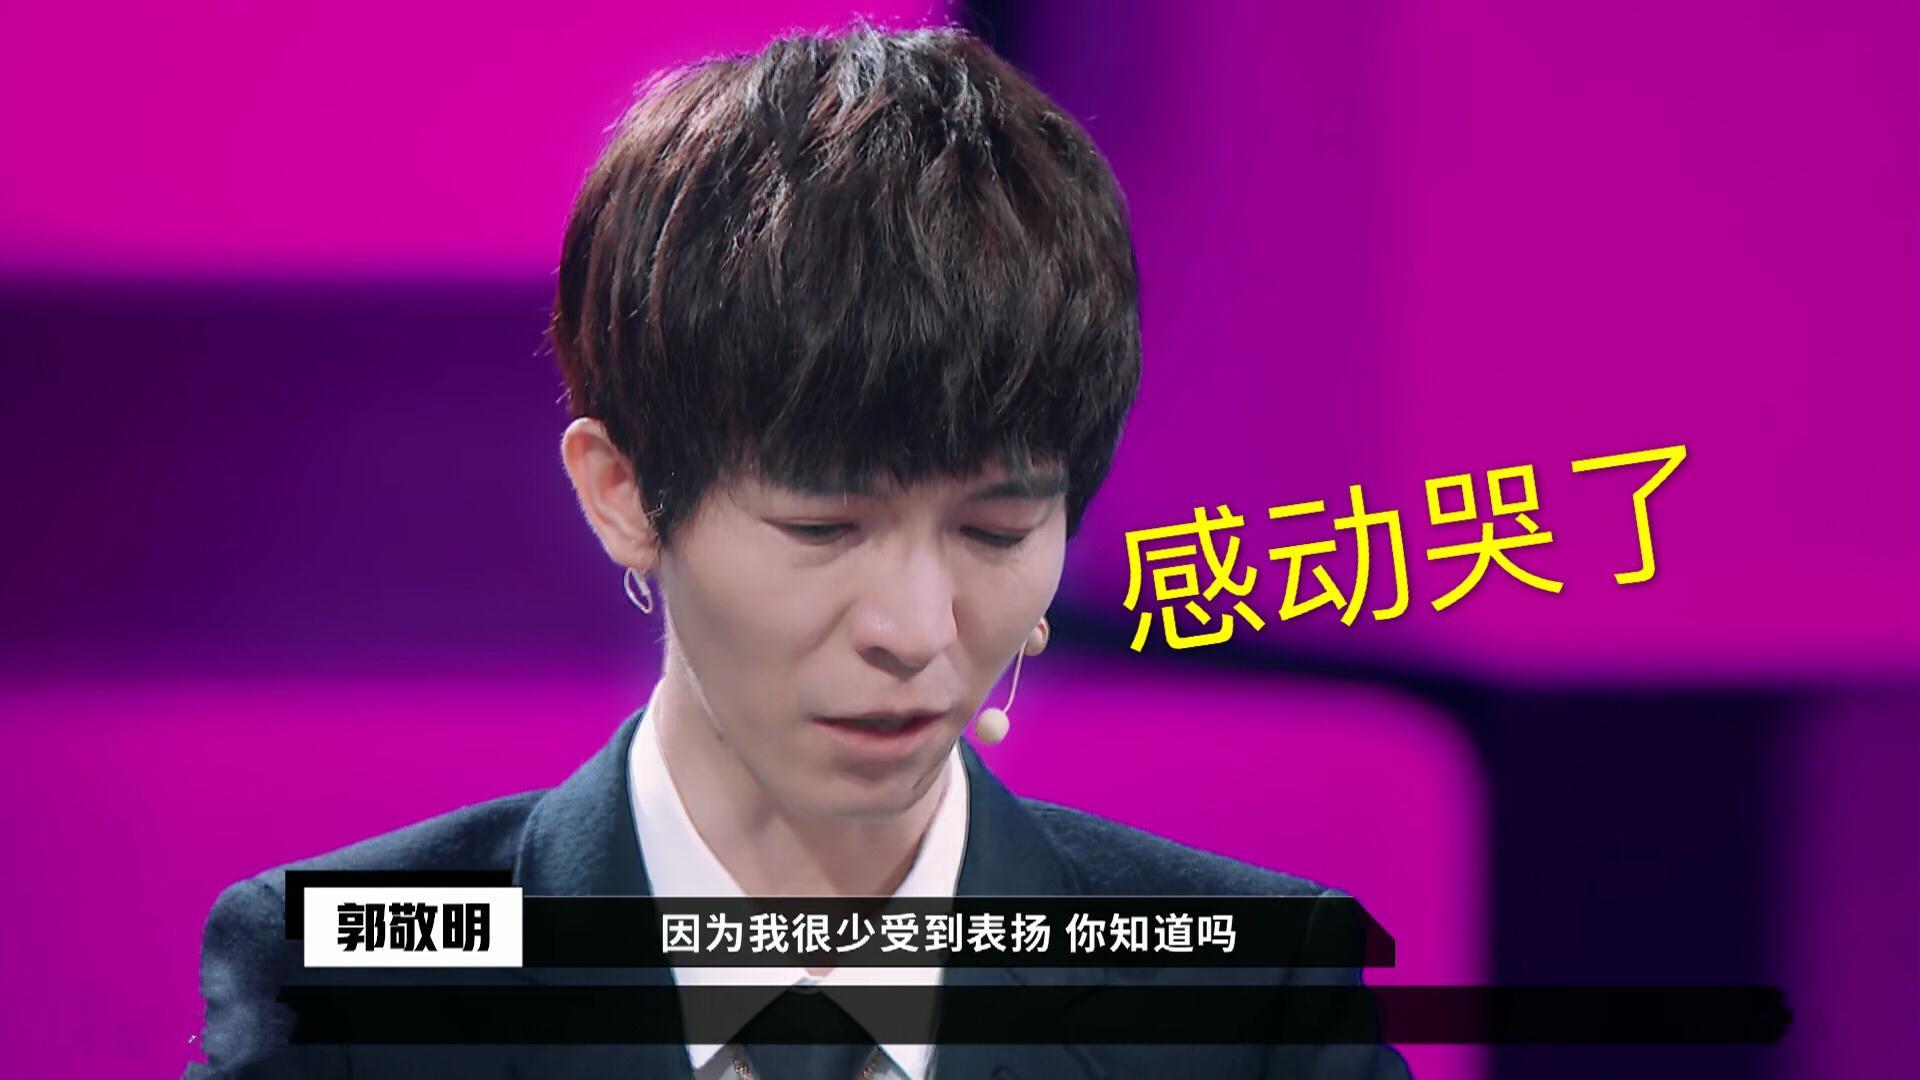 《演员请就位》郭敬明被叫那个谁!听陈凯歌点评当场落泪,不容易